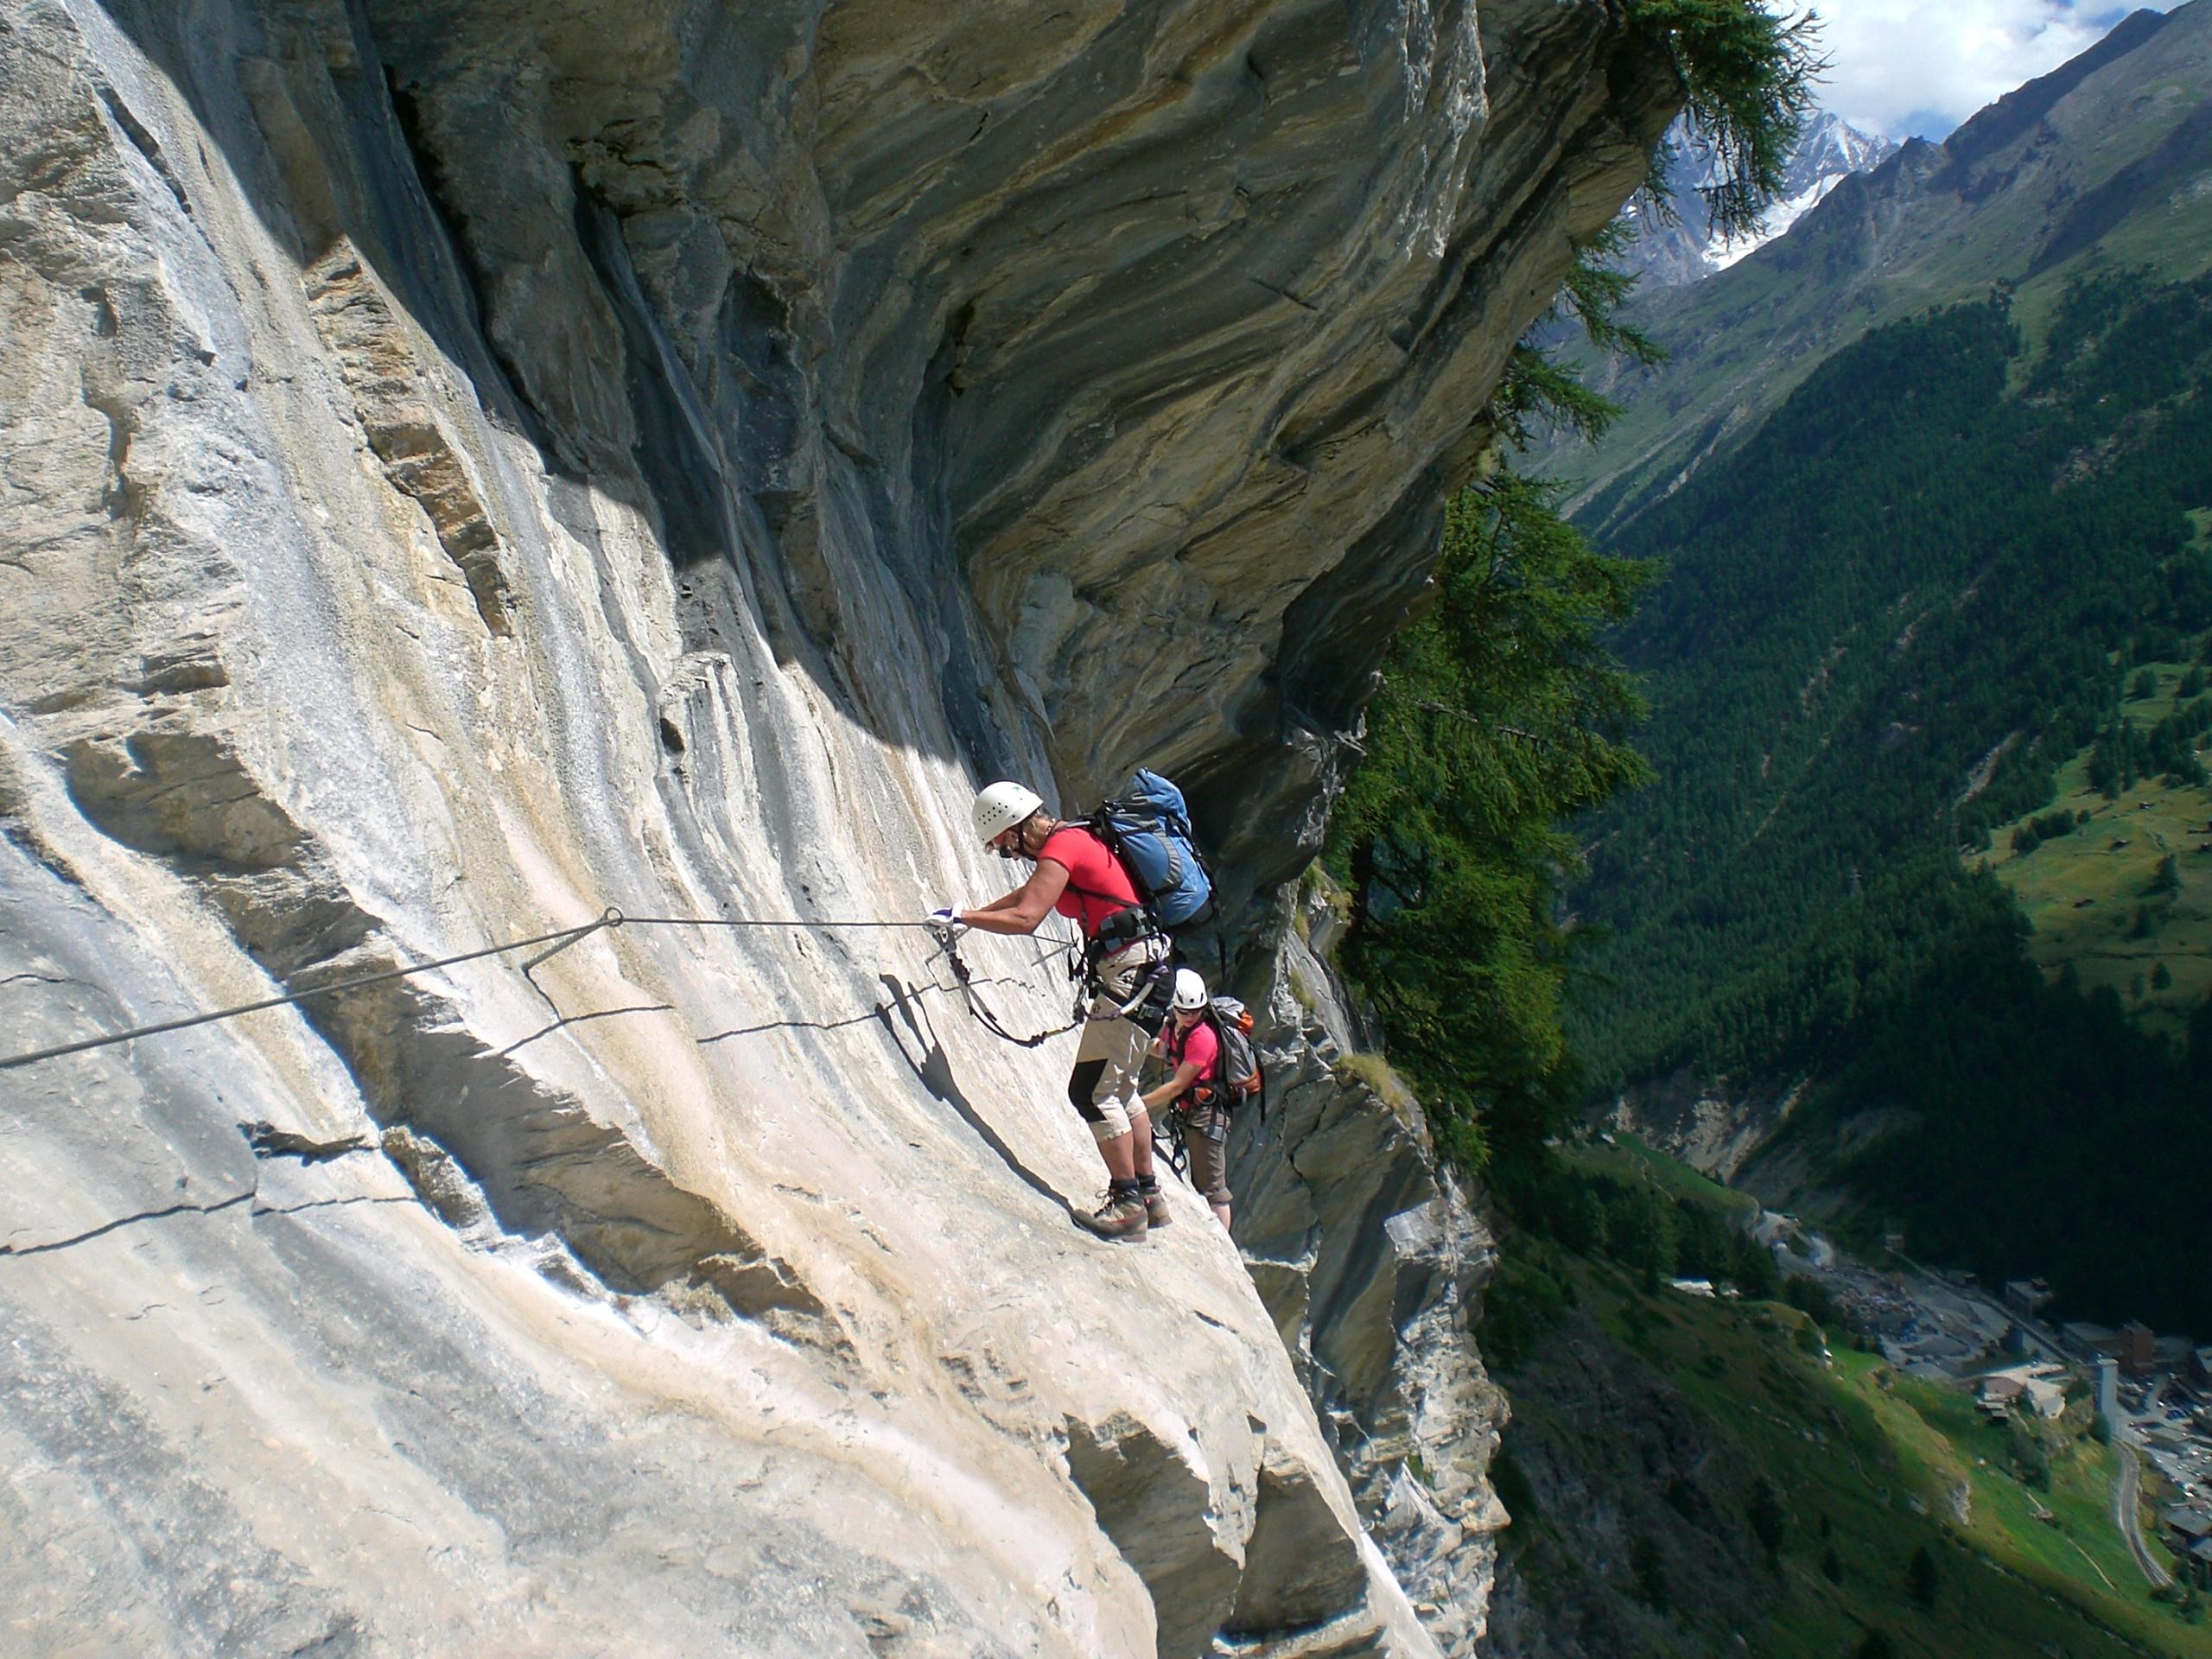 Klettersteig Grade : Mammut klettersteig schweifine faszination hochtouren